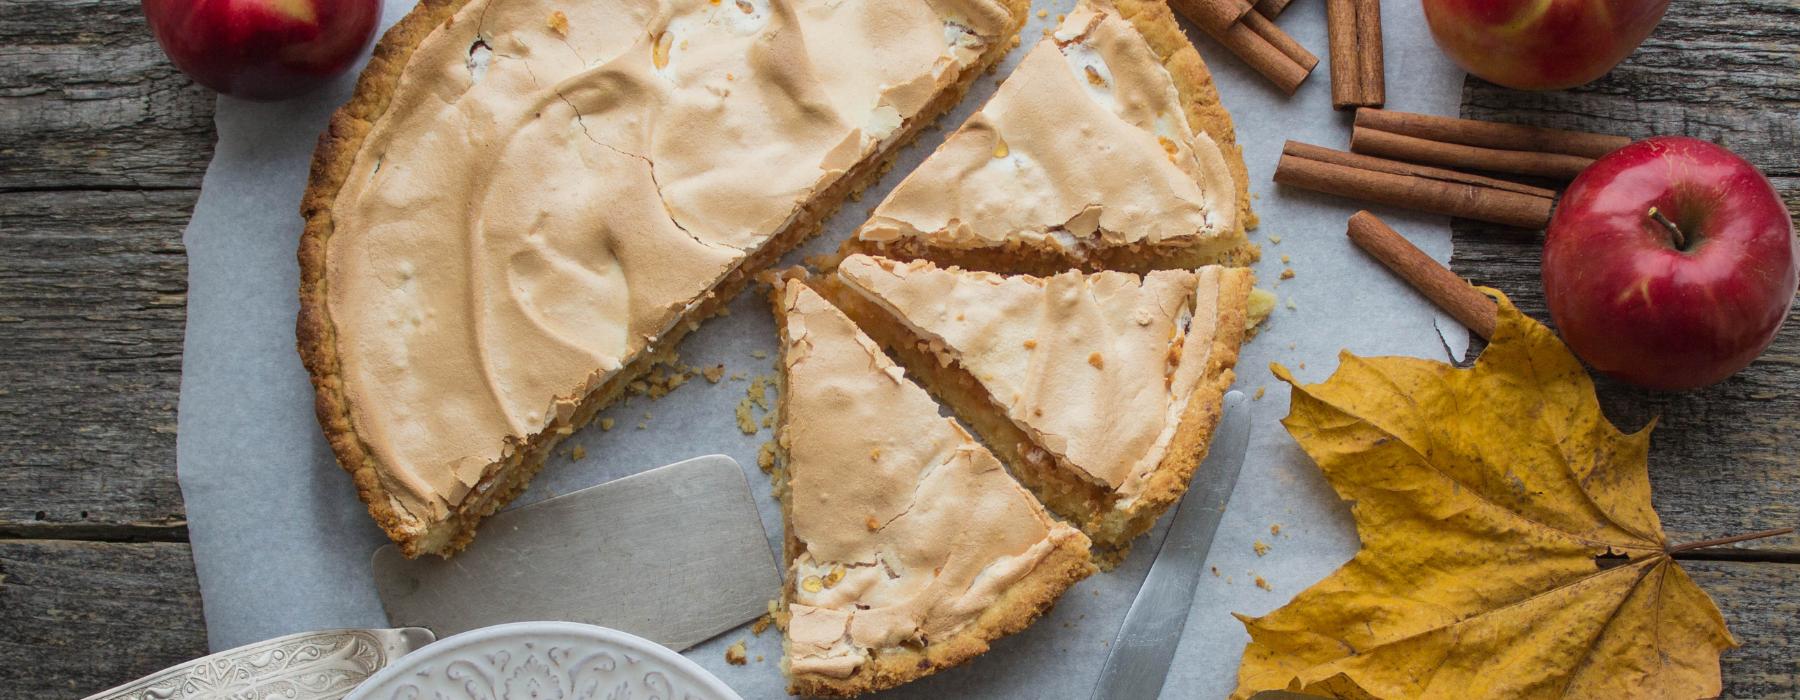 пісочний пиріг з яблуками і меренгою